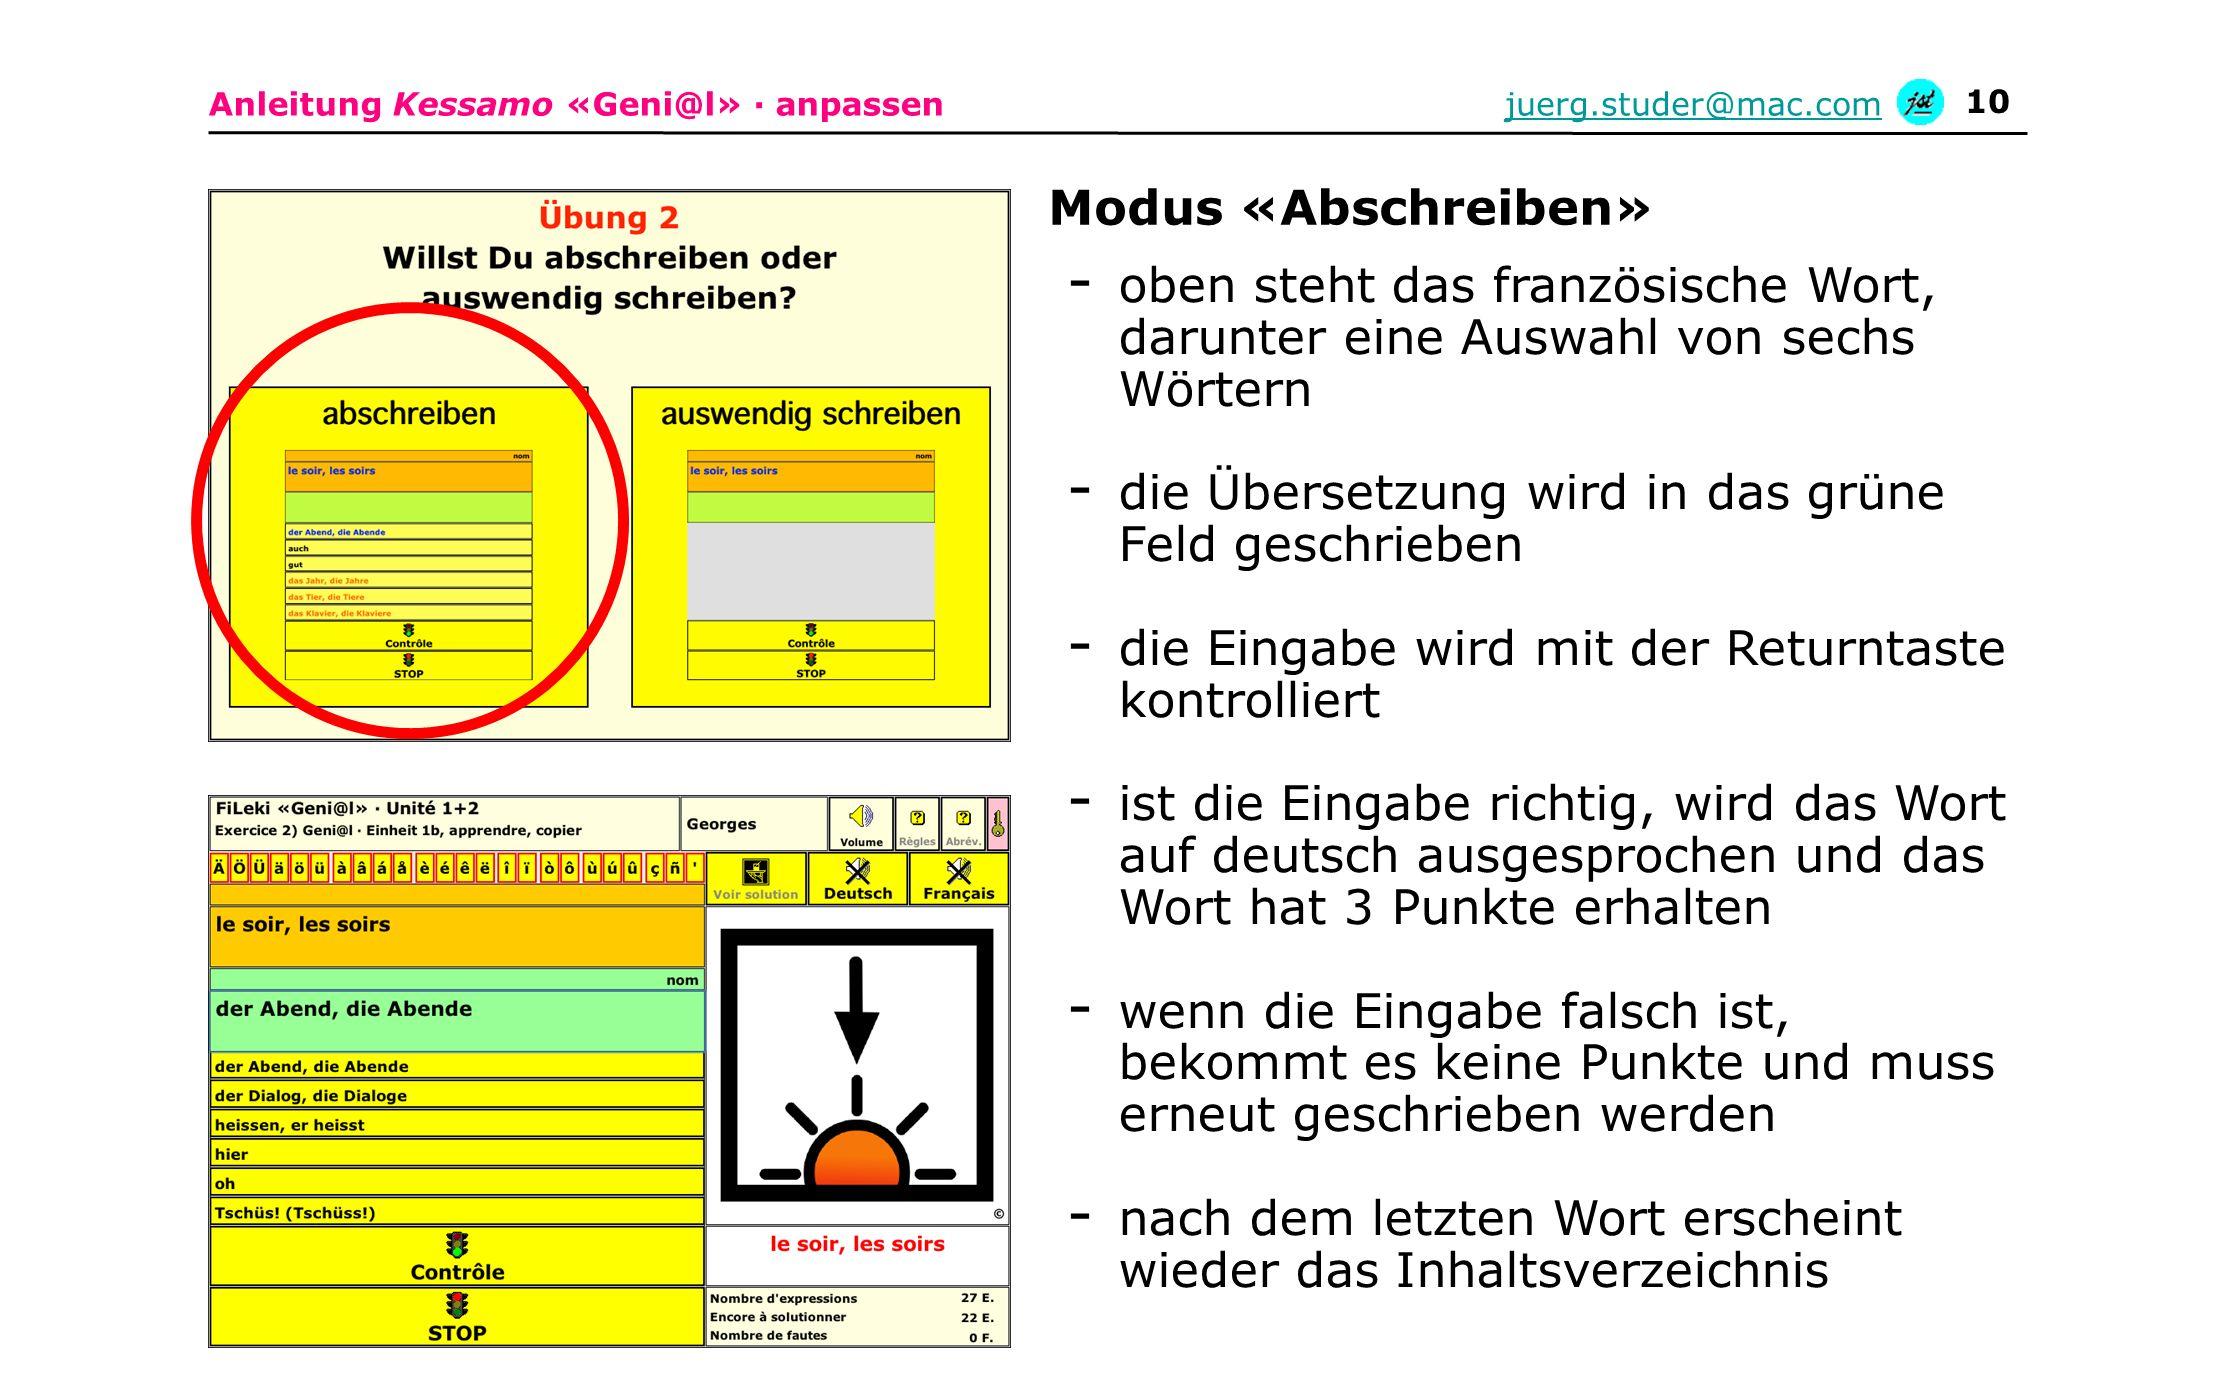 Anleitung Kessamo «Geni@l» · anpassenjuerg.studer@mac.com 10 - oben steht das französische Wort, darunter eine Auswahl von sechs Wörtern - die Überset